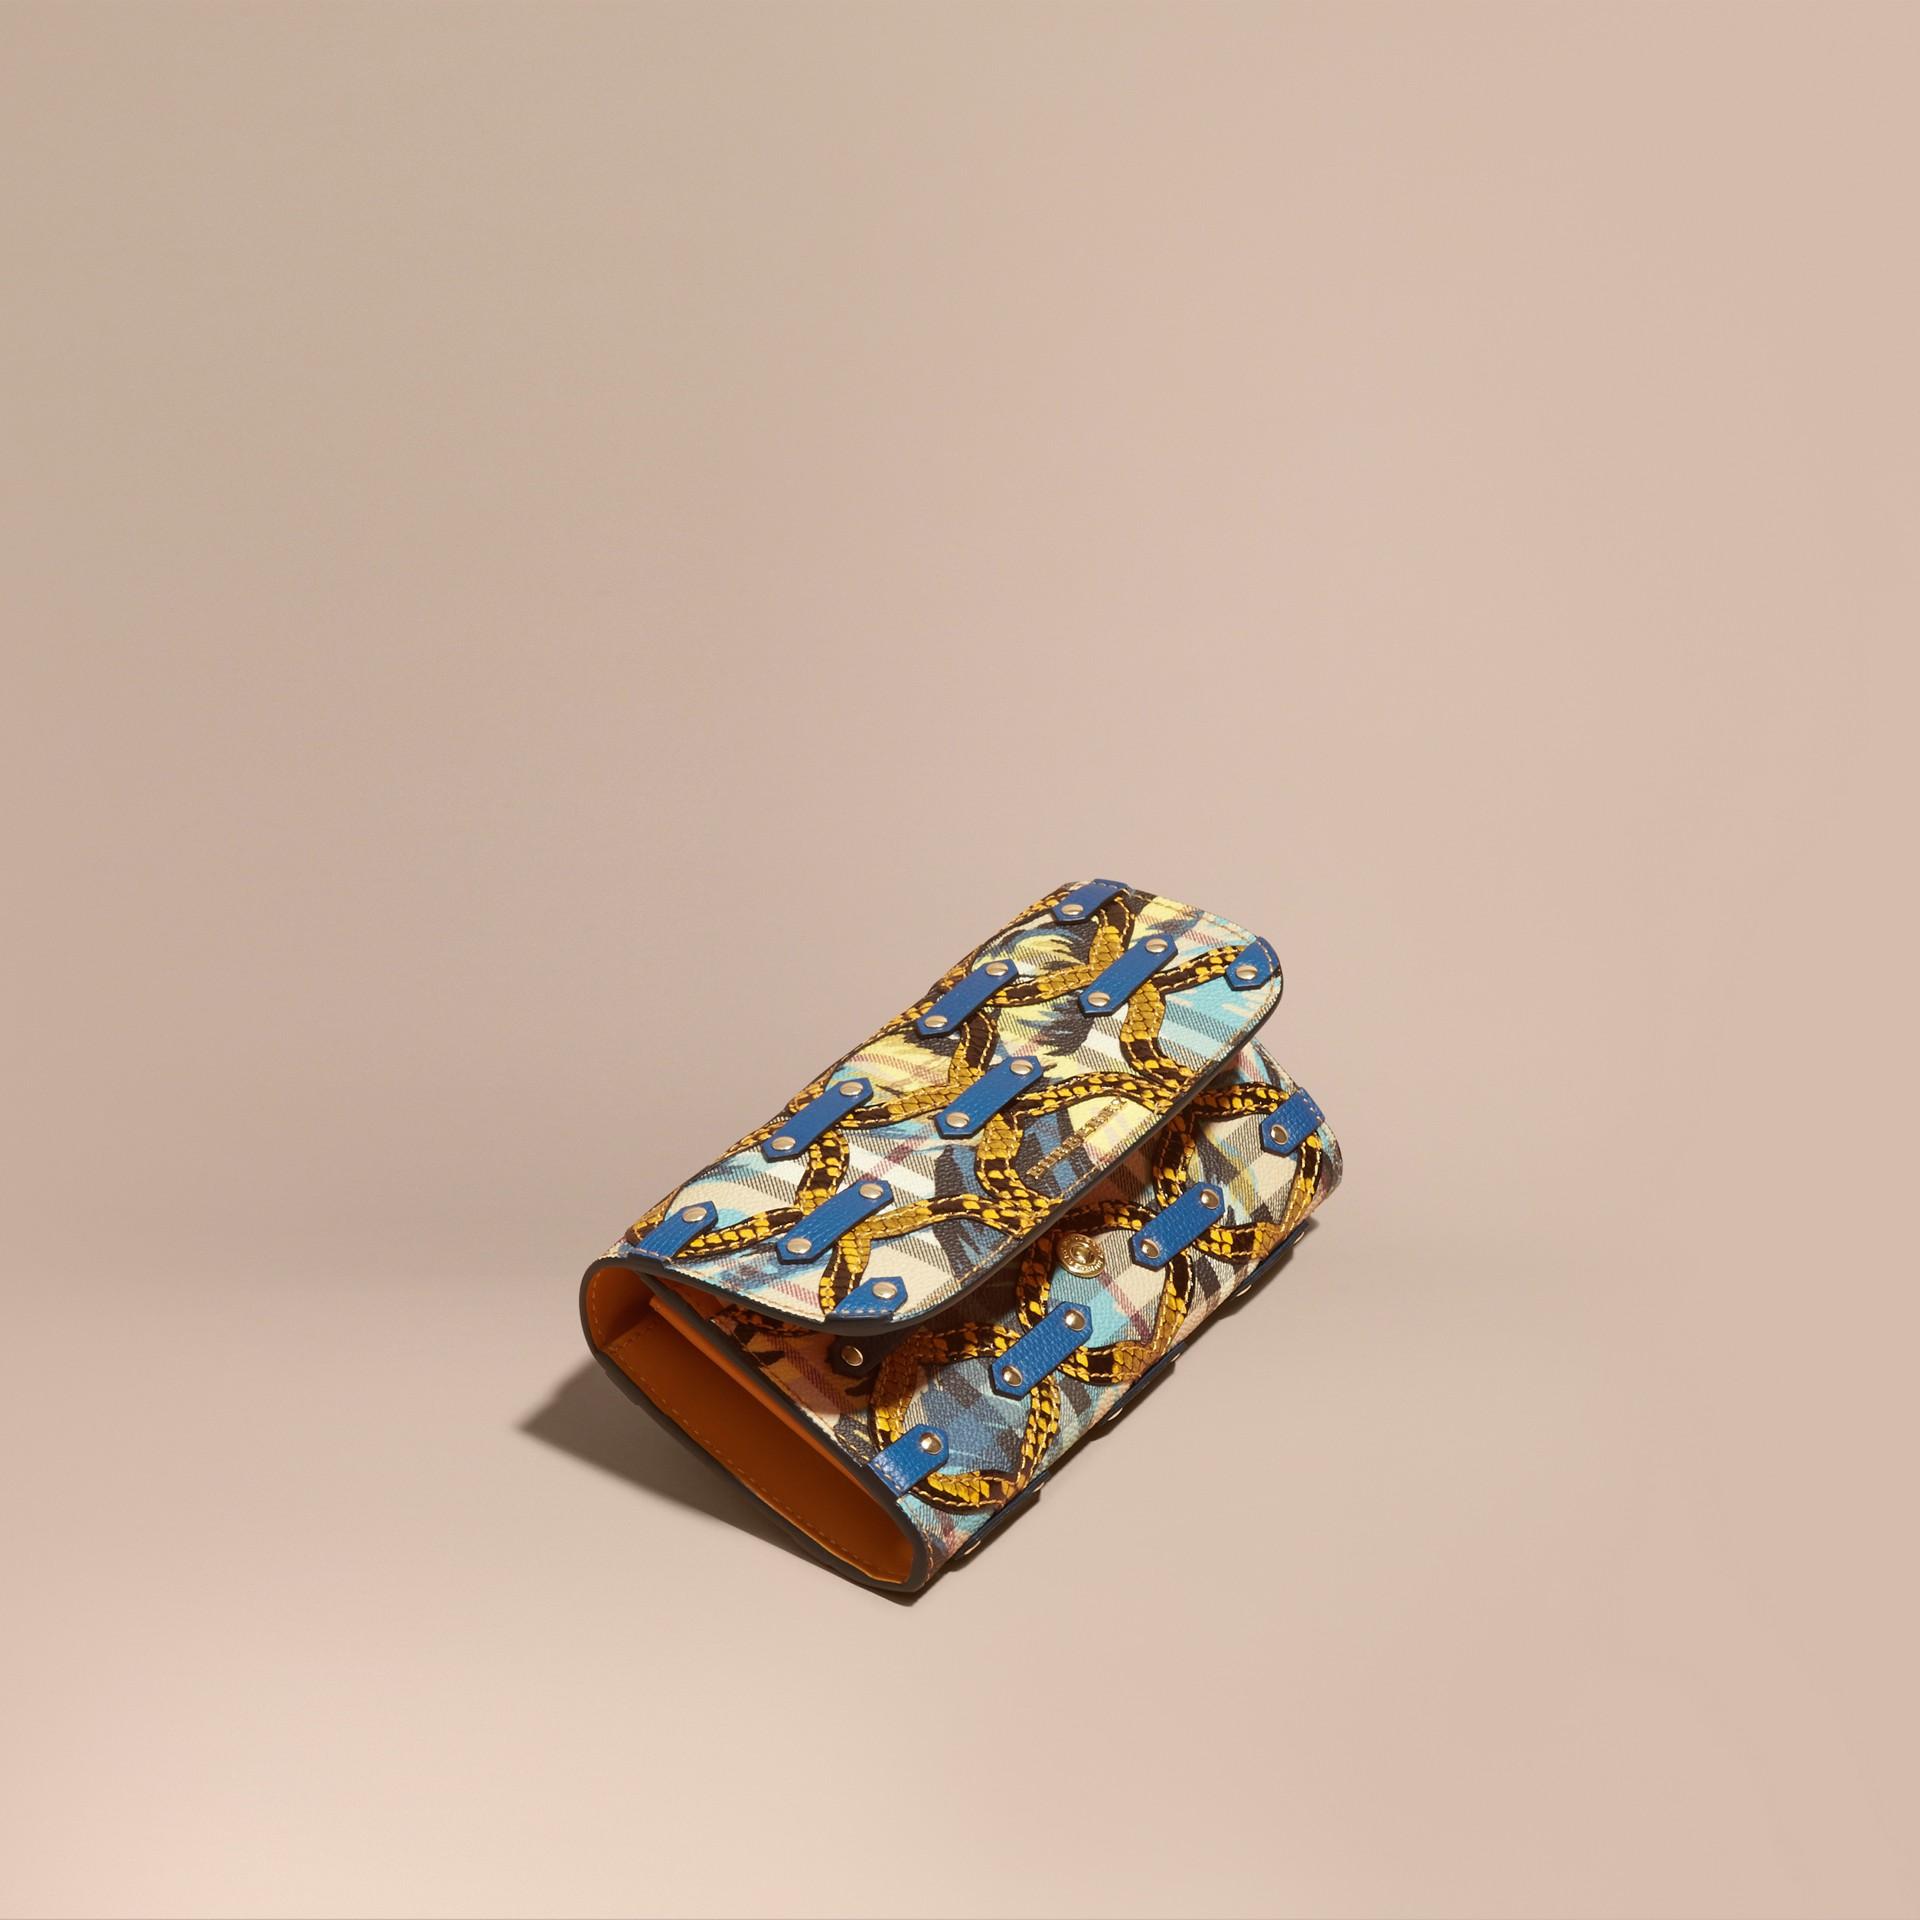 Amarillo alerce Cartera continental en Haymarket Checks con estampado de rosa peonía y textura en relieve en piel de serpiente Amarillo Alerce - imagen de la galería 1